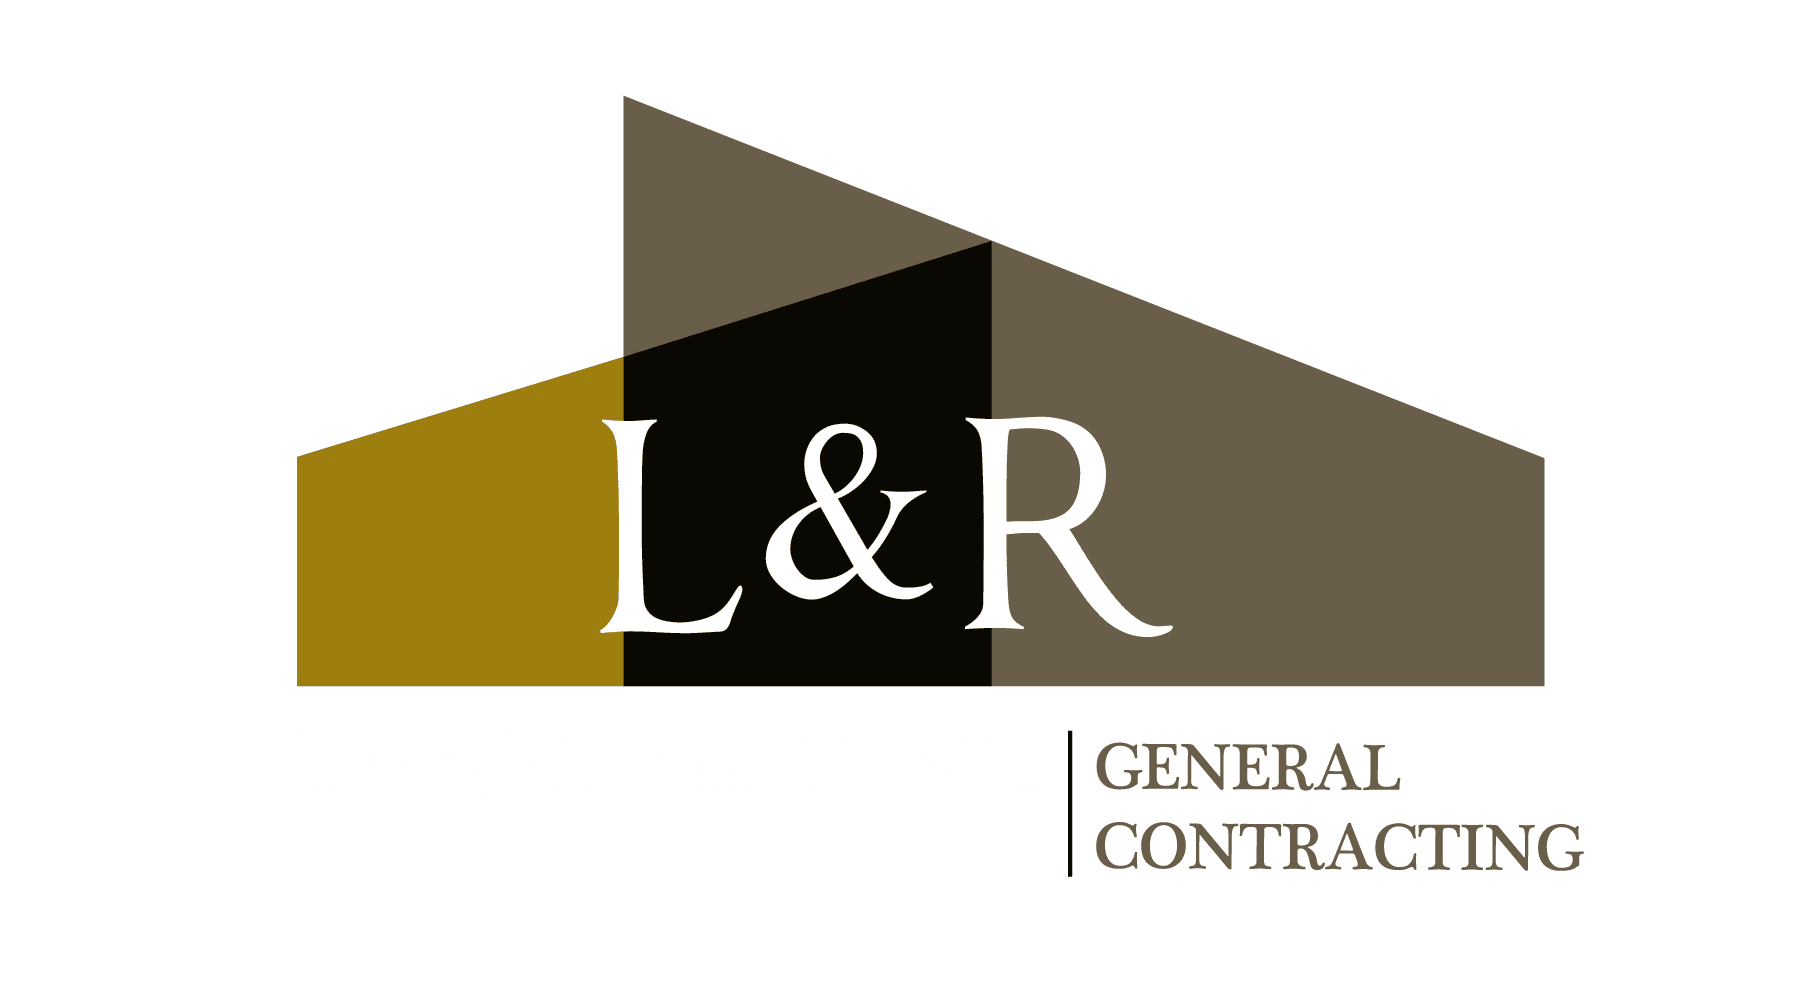 https://lannieandrund.com/wp-content/uploads/2020/03/LannieRund-logo-dark-01.png